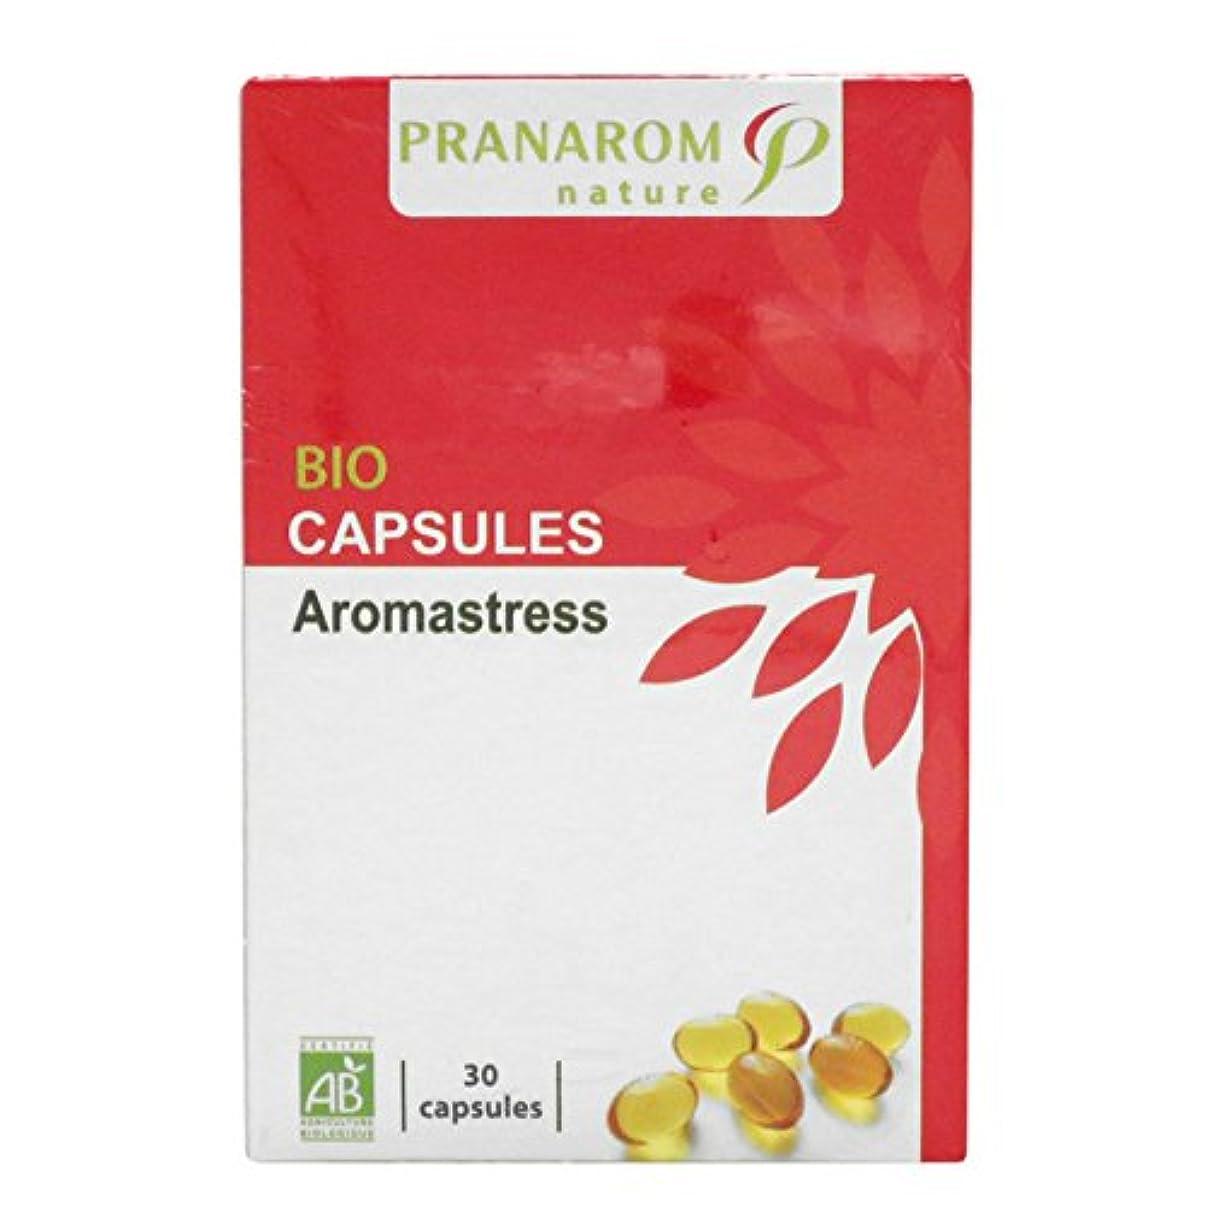 抑止する店主属性プラナロム アロマストレスカプセル 30粒 (PRANAROM サプリメント)